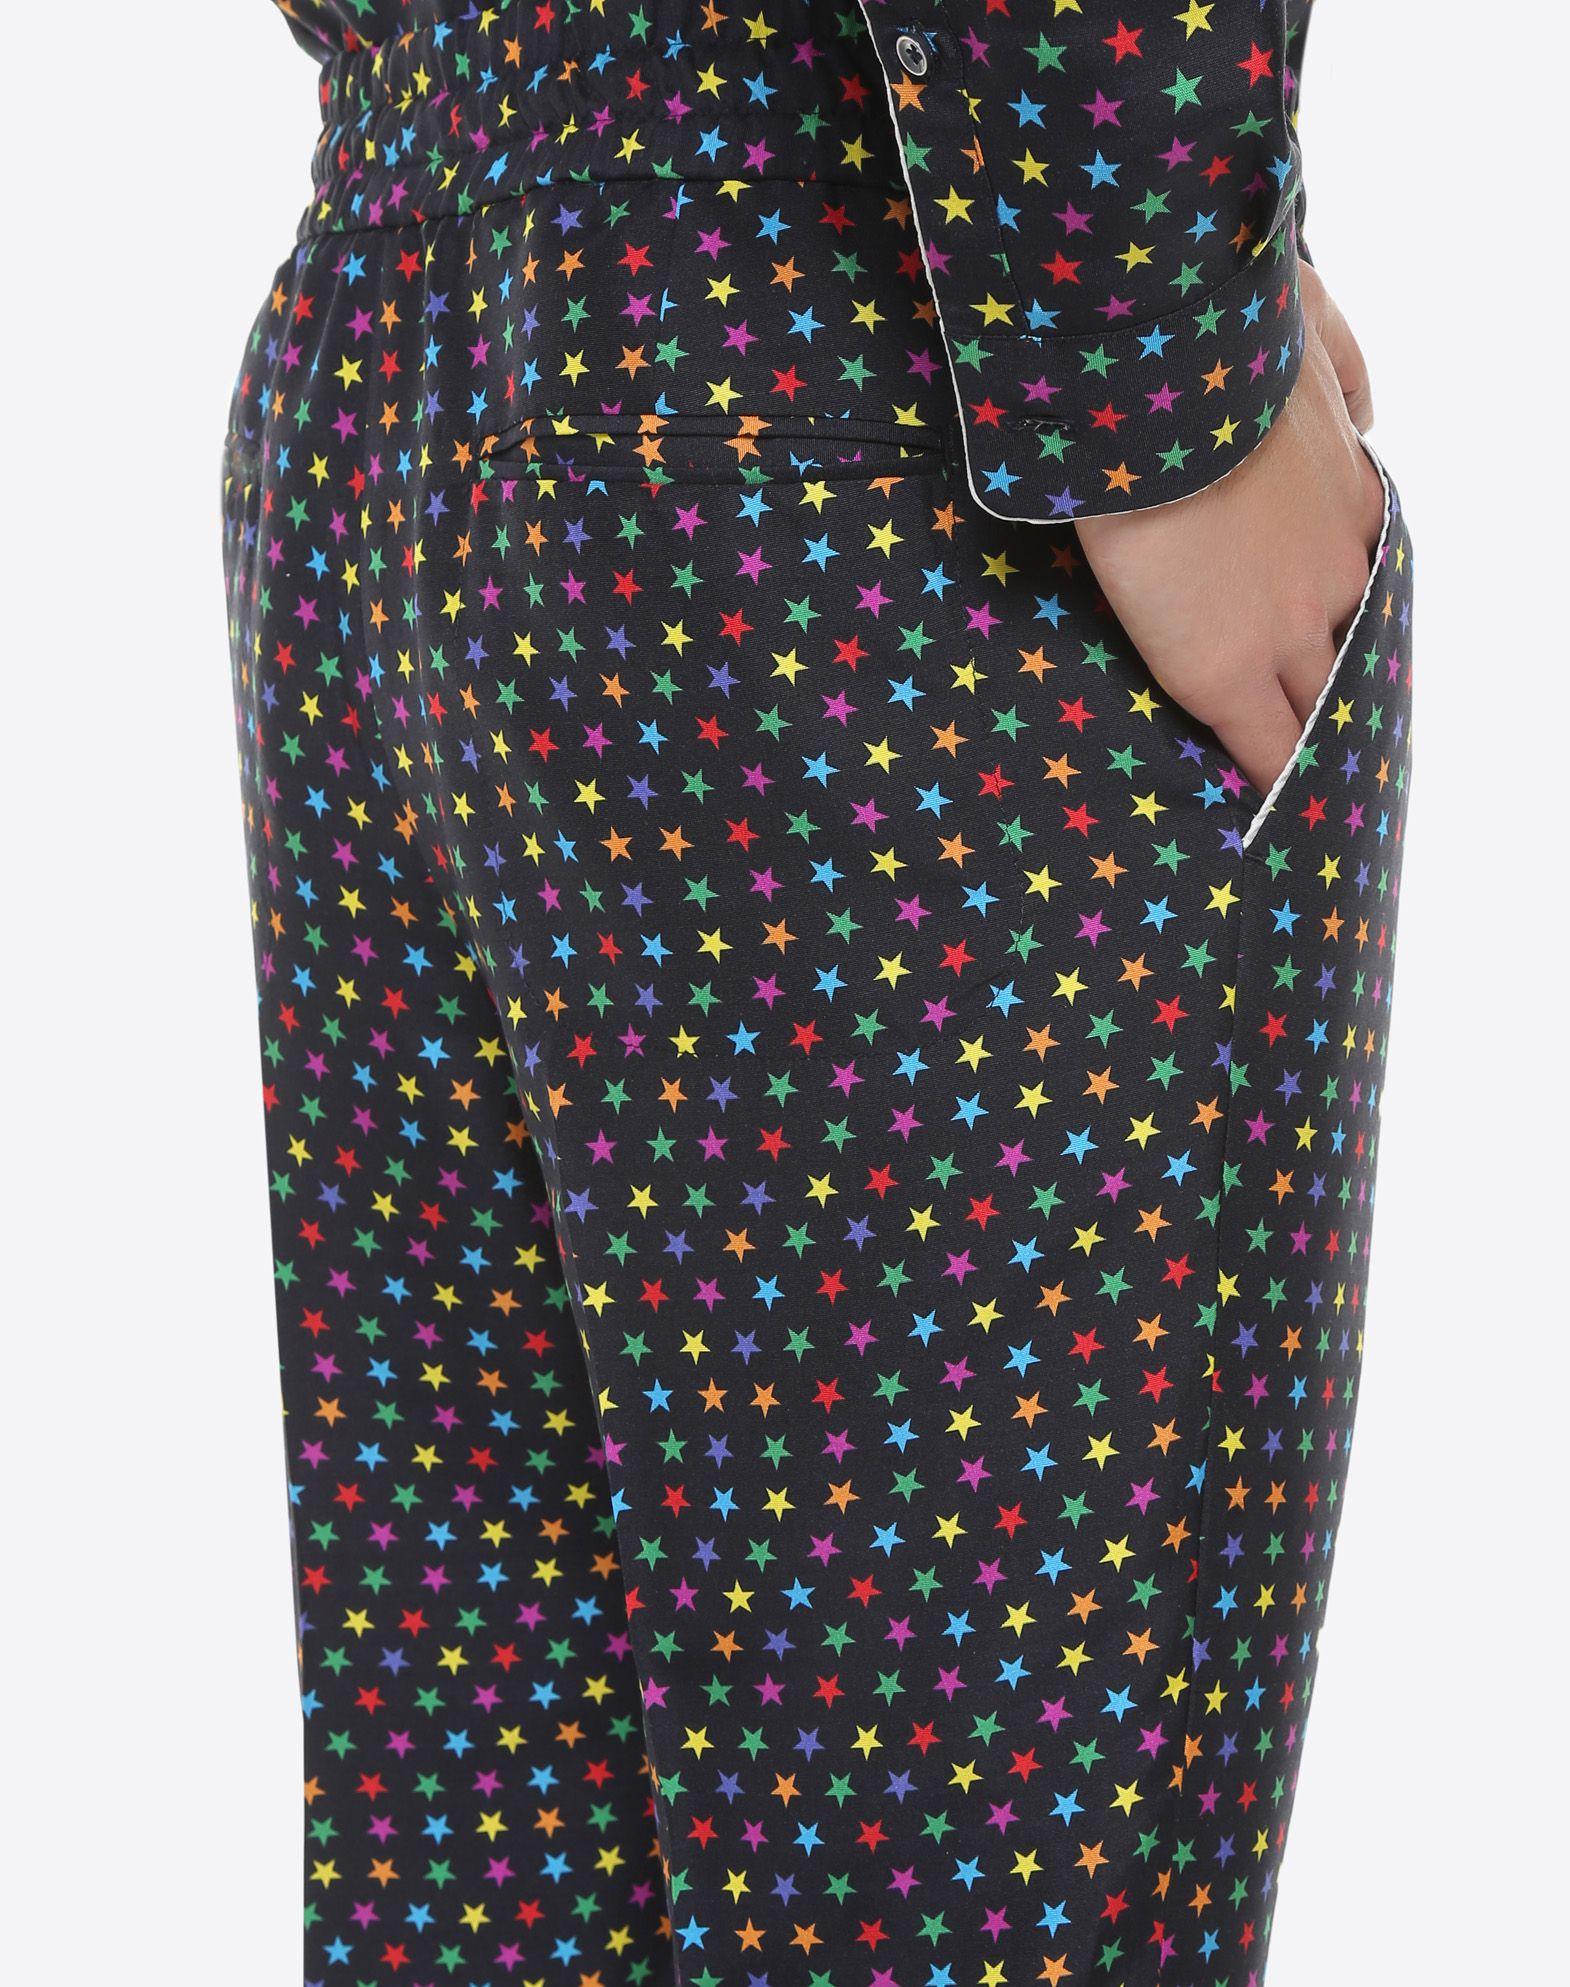 VALENTINO UOMO Pantalón pijama de seda con estampado de estrellas Pantalón U a